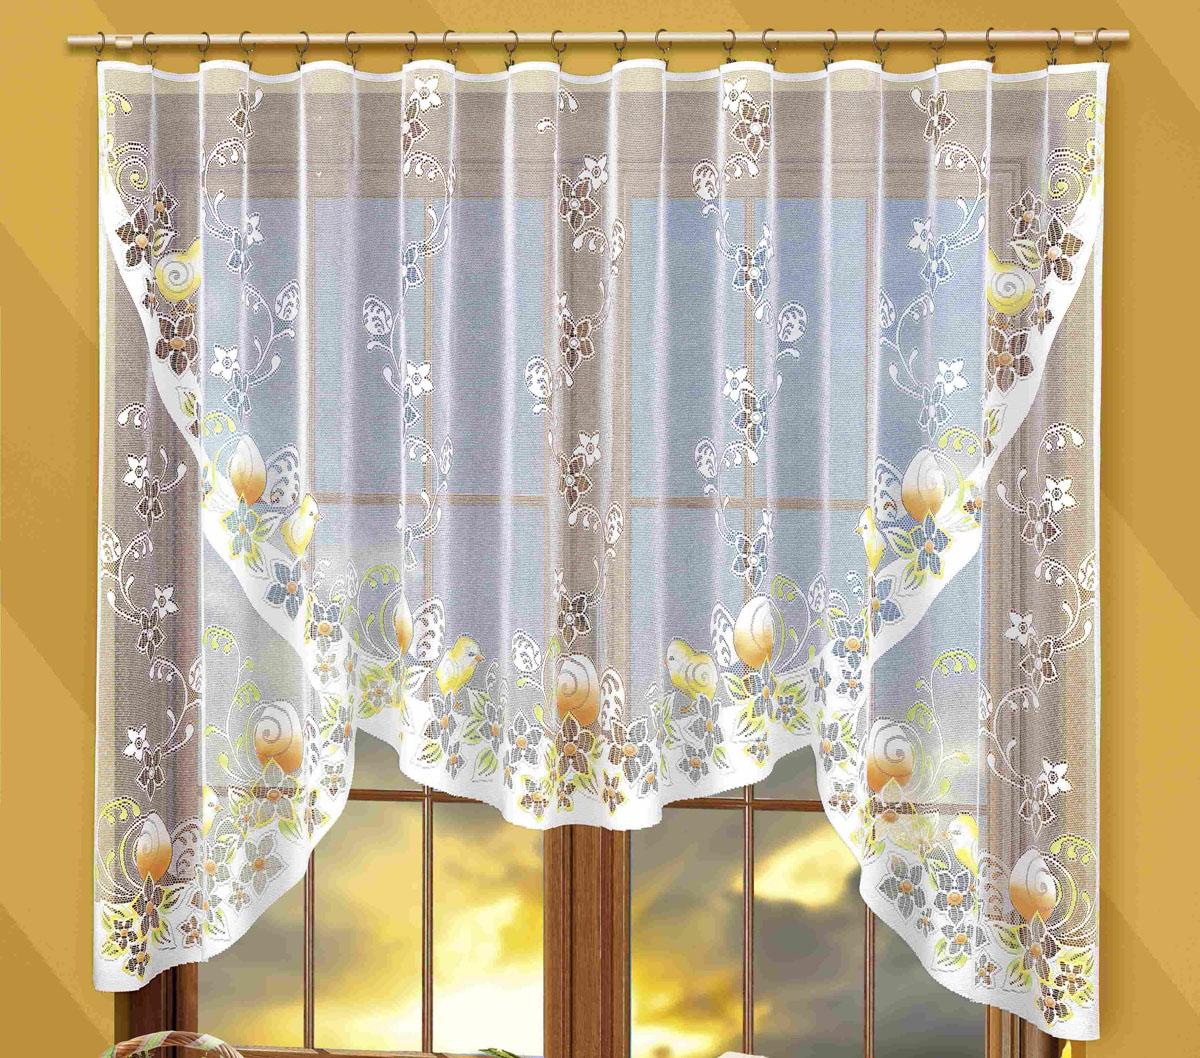 Гардина Wielkanoc, на ленте, цвет: белый, высота 160 см728992Гардина Wielkanoc, выполненная из легкого полиэстера белого цвета, станет великолепным украшением любого окна. Тонкое плетение, оригинальное исполнение и нежная цветовая гамма привлекут внимание и украсят интерьер помещения. Гардина оснащена шторной лентой для крепления на карниз. Характеристики:Материал: 100% полиэстер. Цвет: белый. Размер упаковки:25 см х 33 см х 3 см. Артикул: 748365.В комплект входит: Гардина - 1 шт. Размер (ШхВ): 300 см х 160 см. Фирма Wisan на польском рынке существует уже более пятидесяти лет и является одной из лучших польских фабрик по производству штор и тканей. Ассортимент фирмы представлен готовыми комплектами штор для гостиной, детской, кухни, а также текстилем для кухни (скатерти, салфетки, дорожки, кухонные занавески). Модельный ряд отличает оригинальный дизайн, высокое качество. Ассортимент продукции постоянно пополняется.